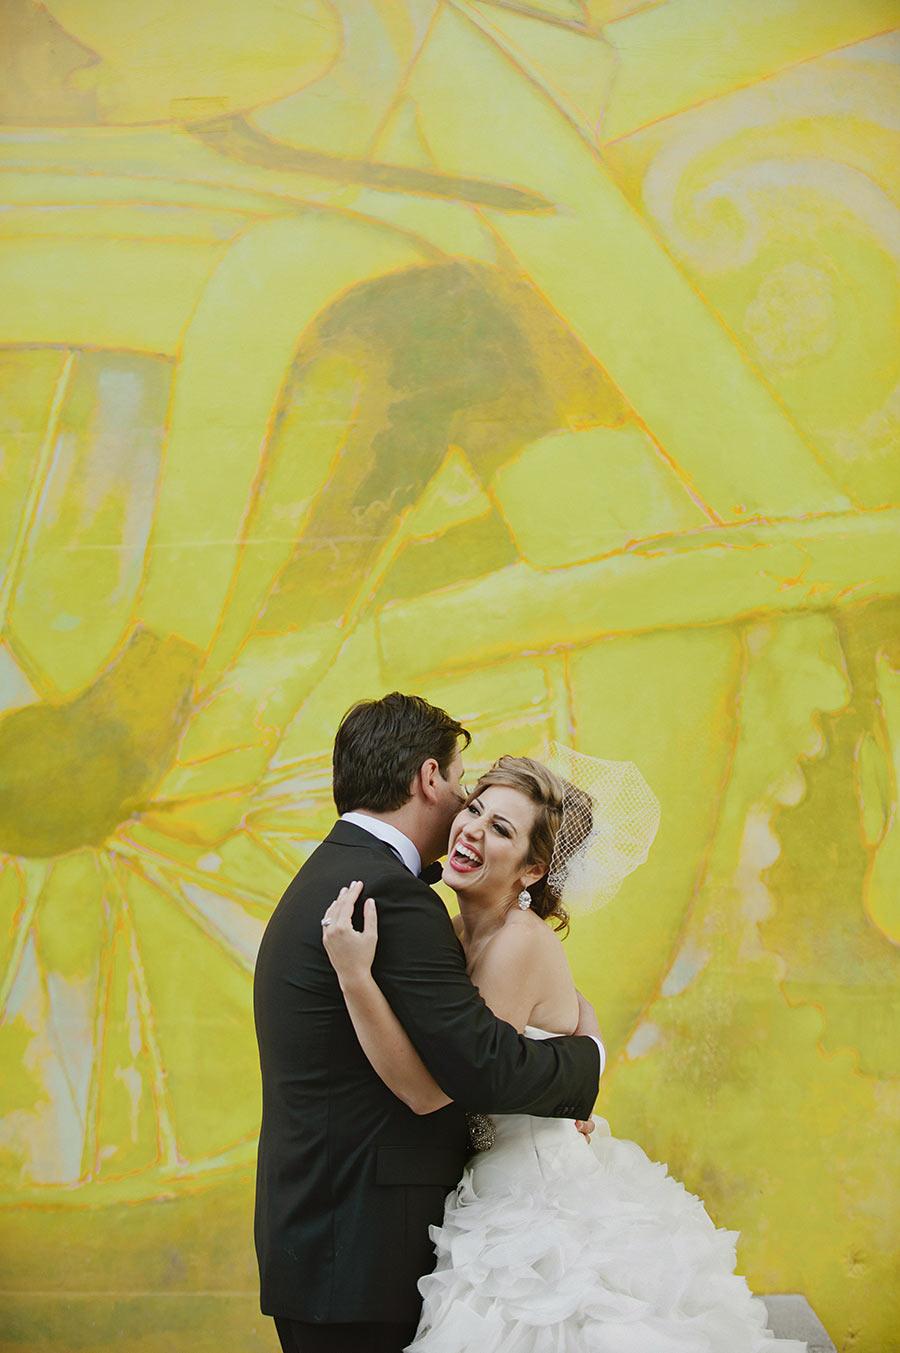 Moins de 2 mois avant le mariage : où en est-on ?